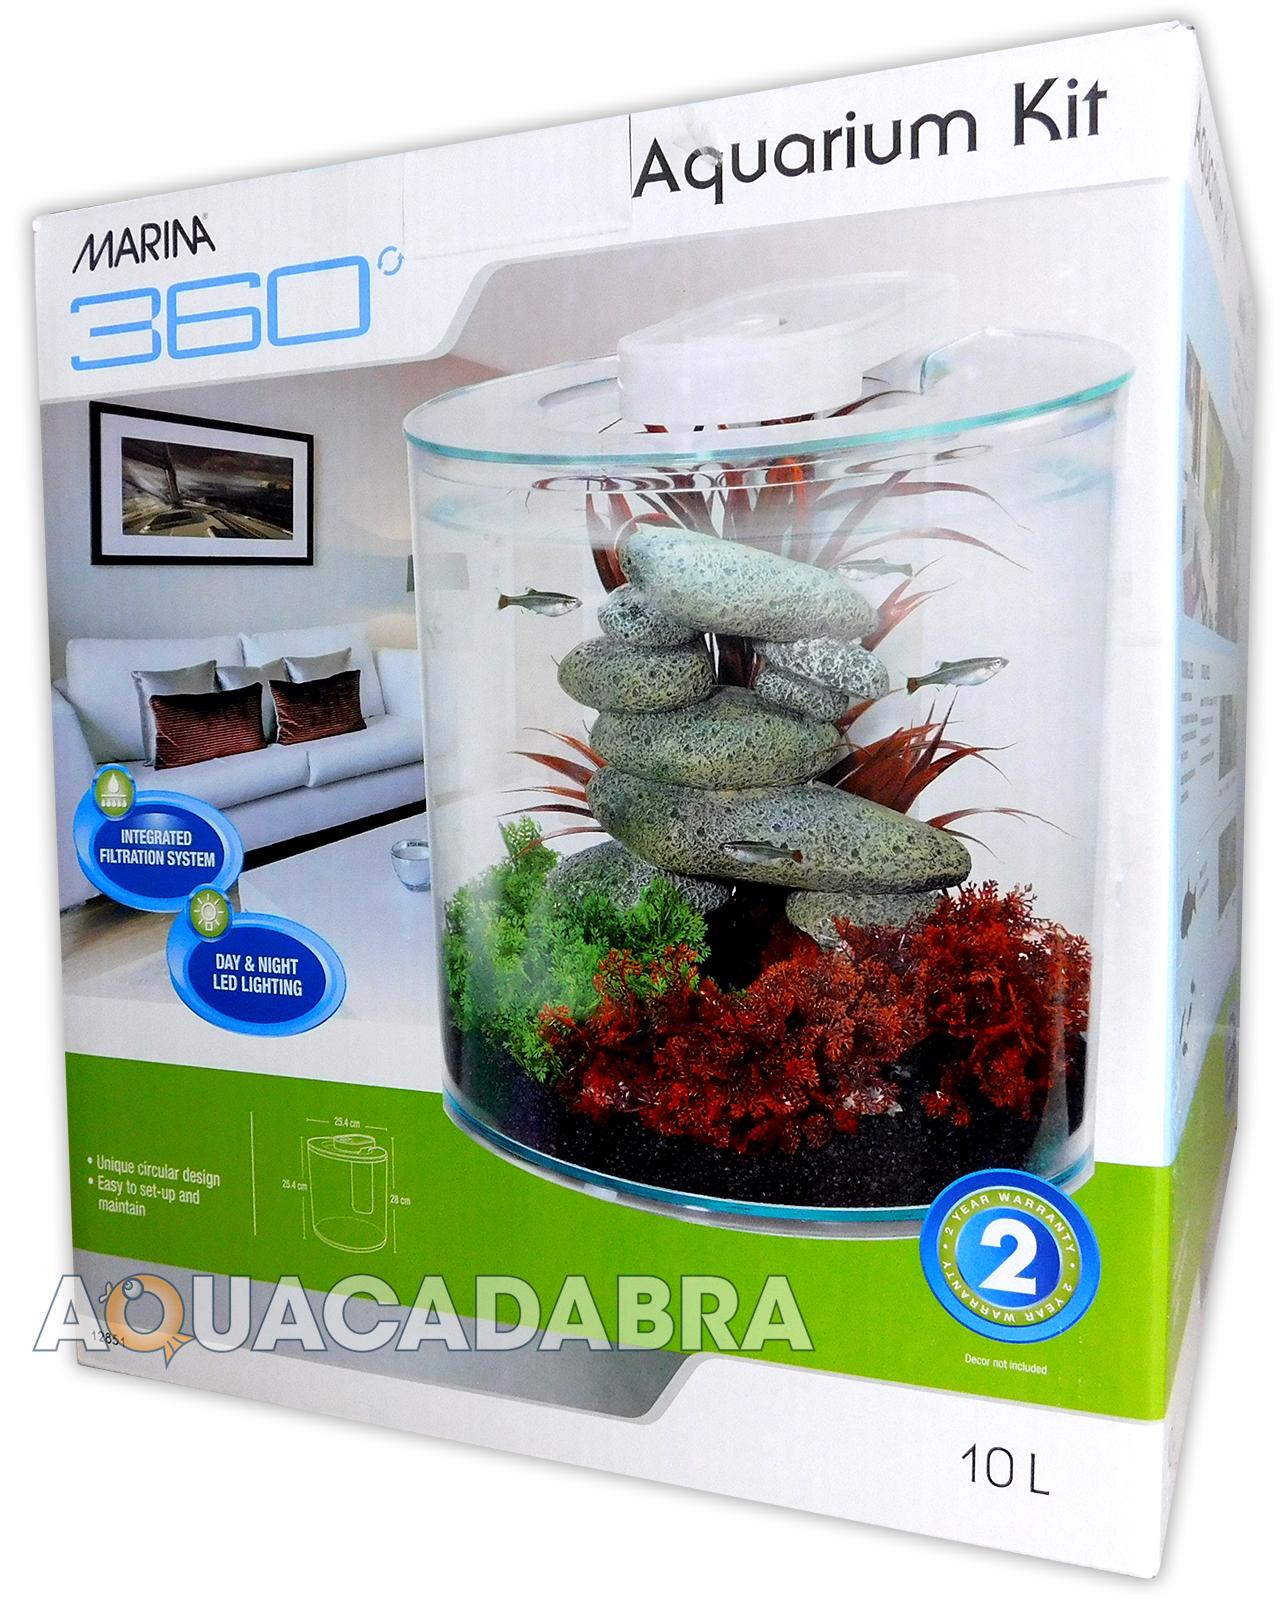 marina 360 aquarium kit fish tank gallons 10 litres. Black Bedroom Furniture Sets. Home Design Ideas